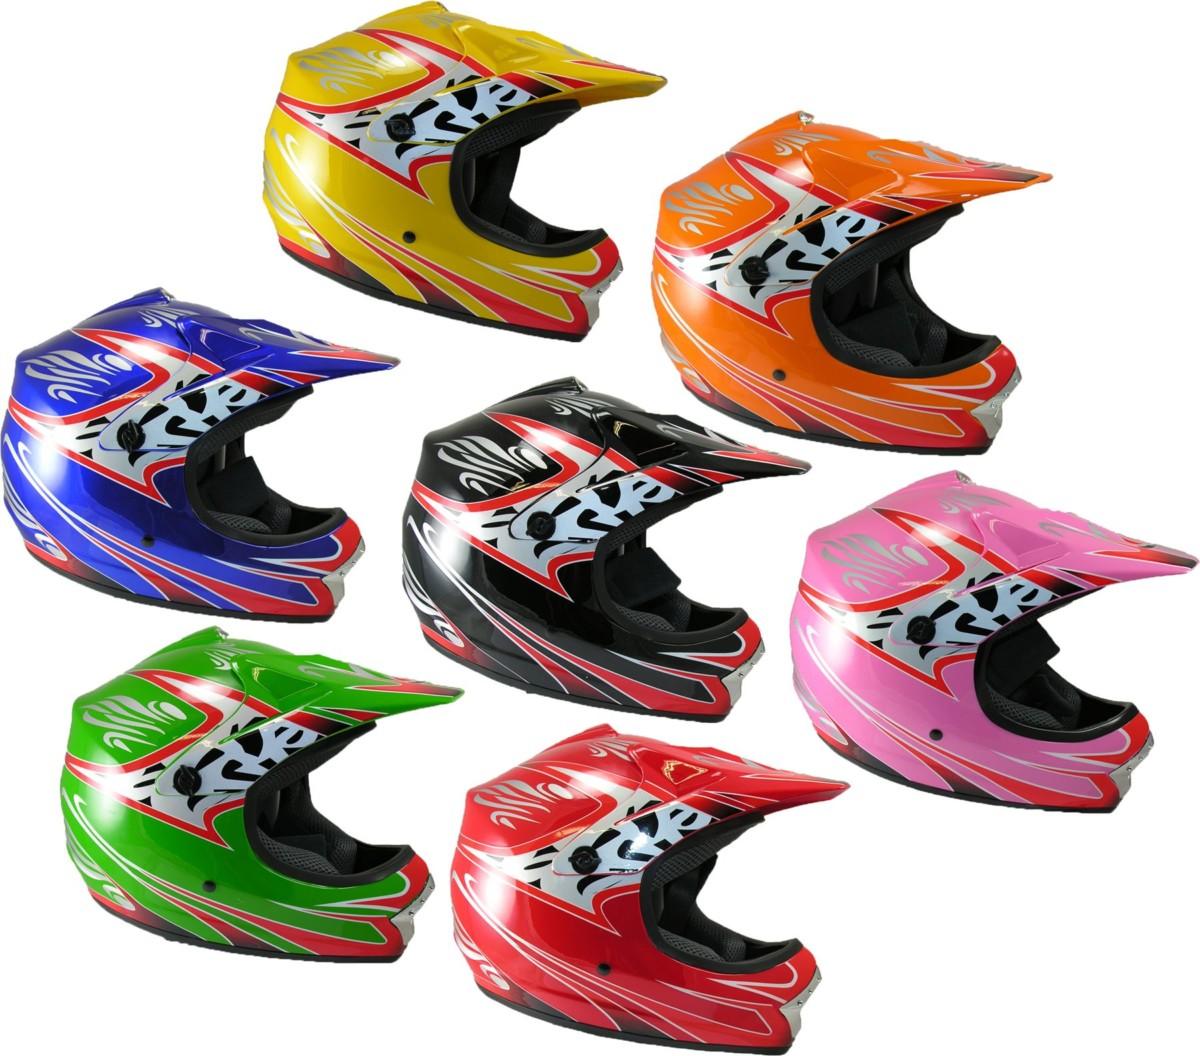 Casque MOTOCROSS Pour Enfants Moto Cross Vélo de Montagne BMX ATV